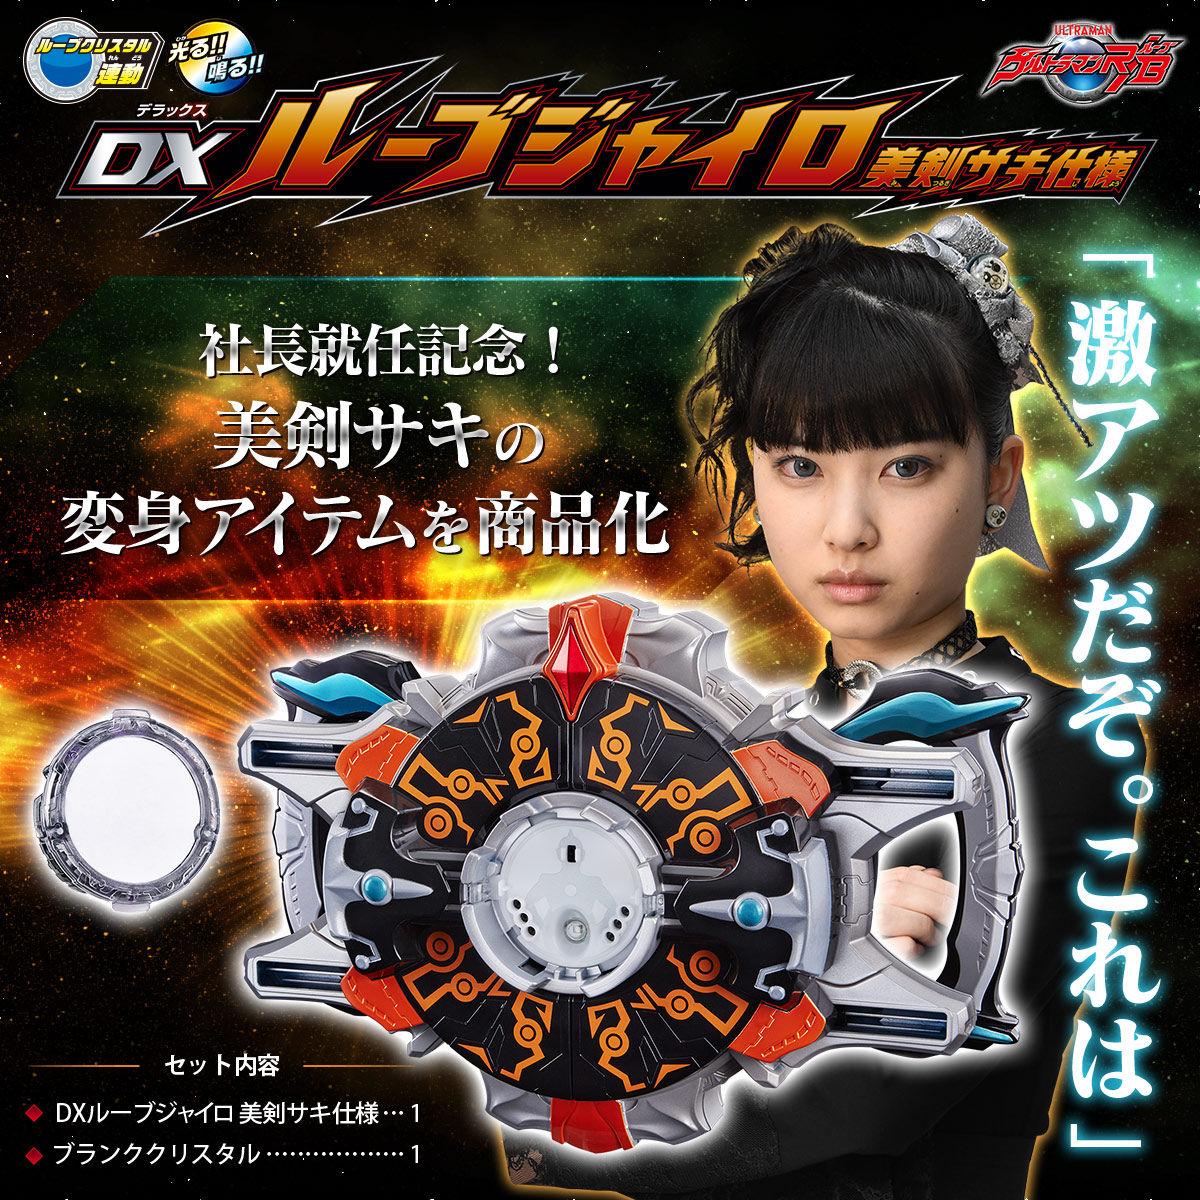 ウルトラマンR/B『DXルーブジャイロ ―美剣サキ仕様―』変身なりきり-002